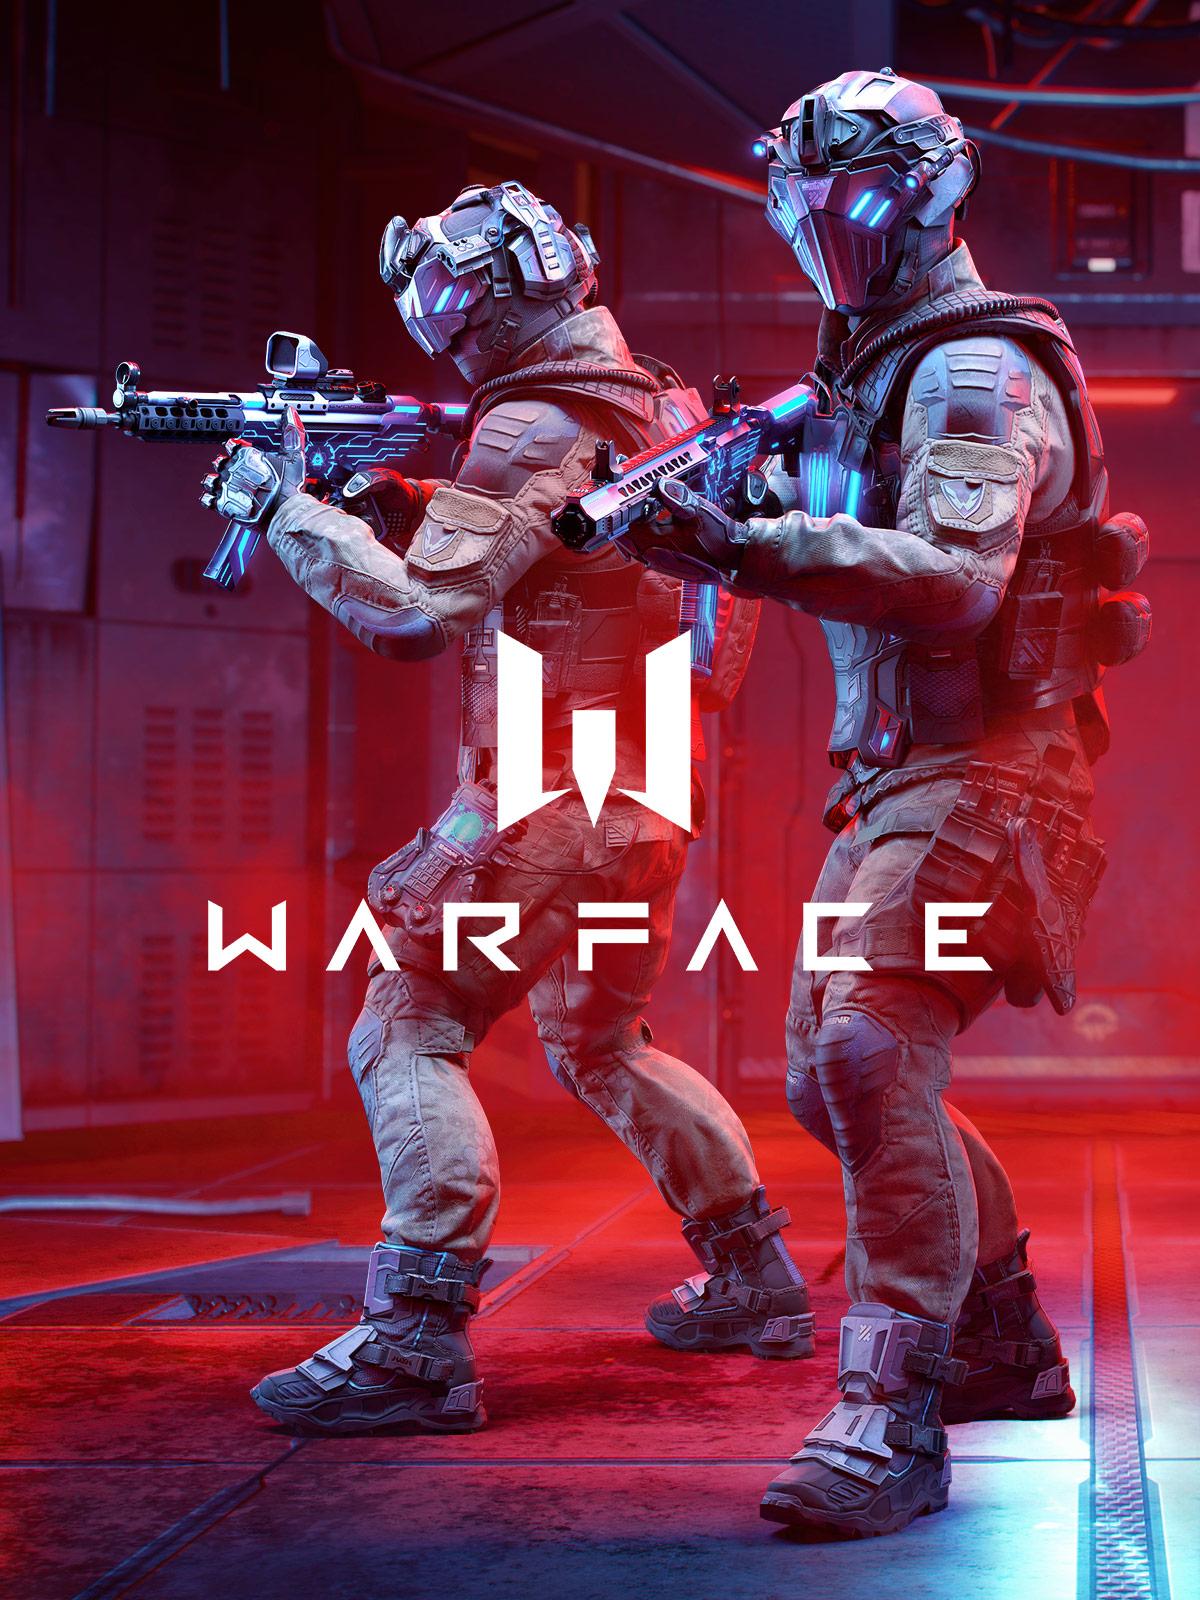 Warface